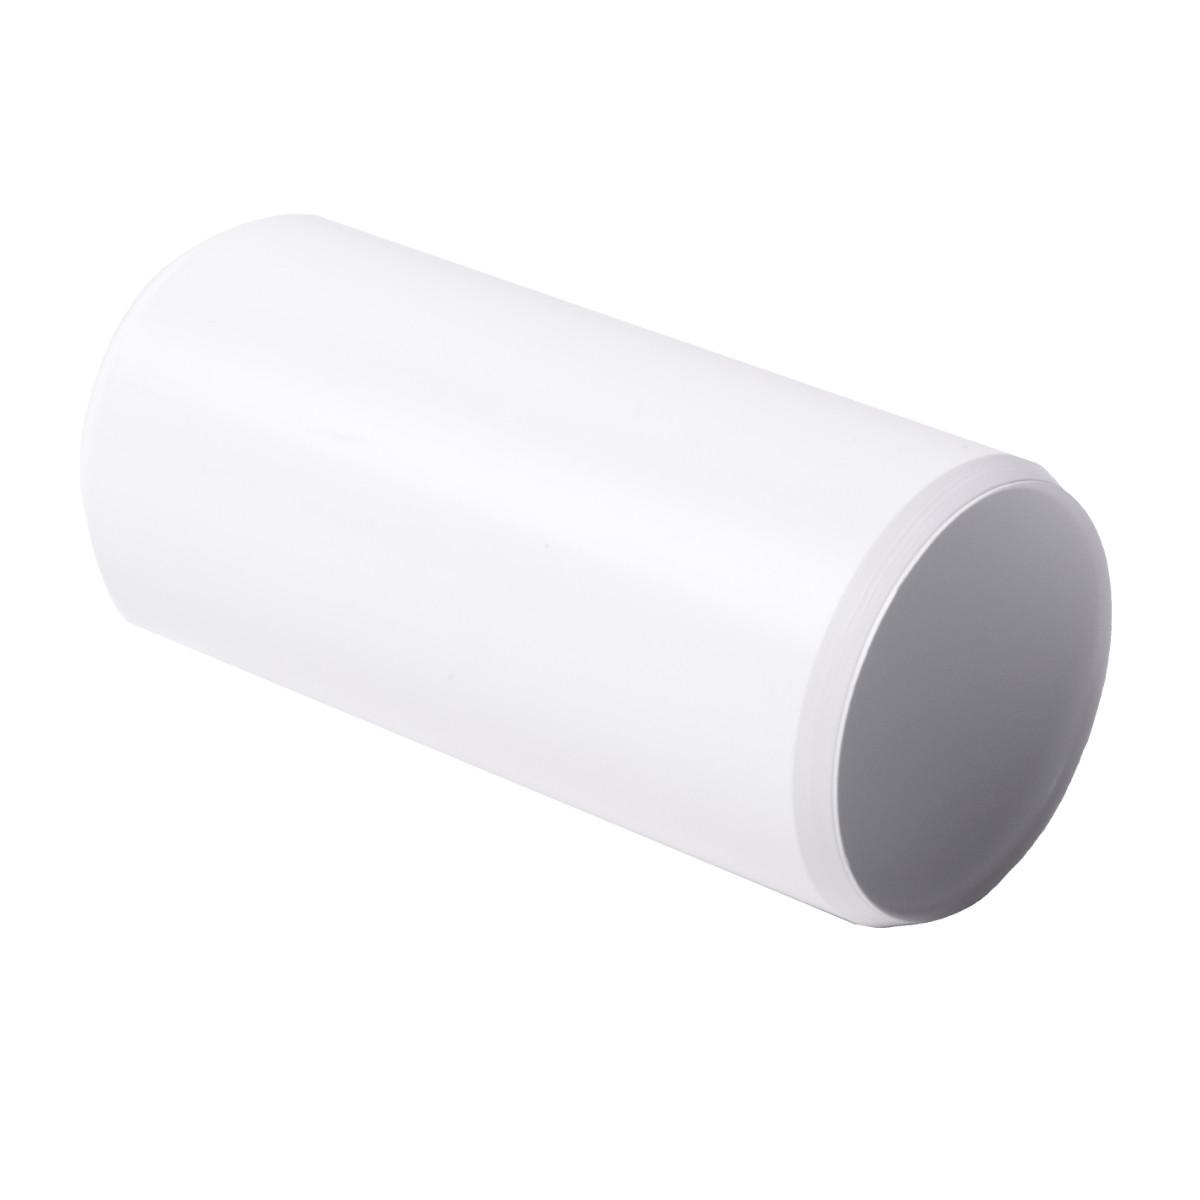 Муфта з'єднувальна для труби 50 мм; Ø50мм; ПВХ;; t застосування -25+60 °с; біла; Упаковка 10 шт